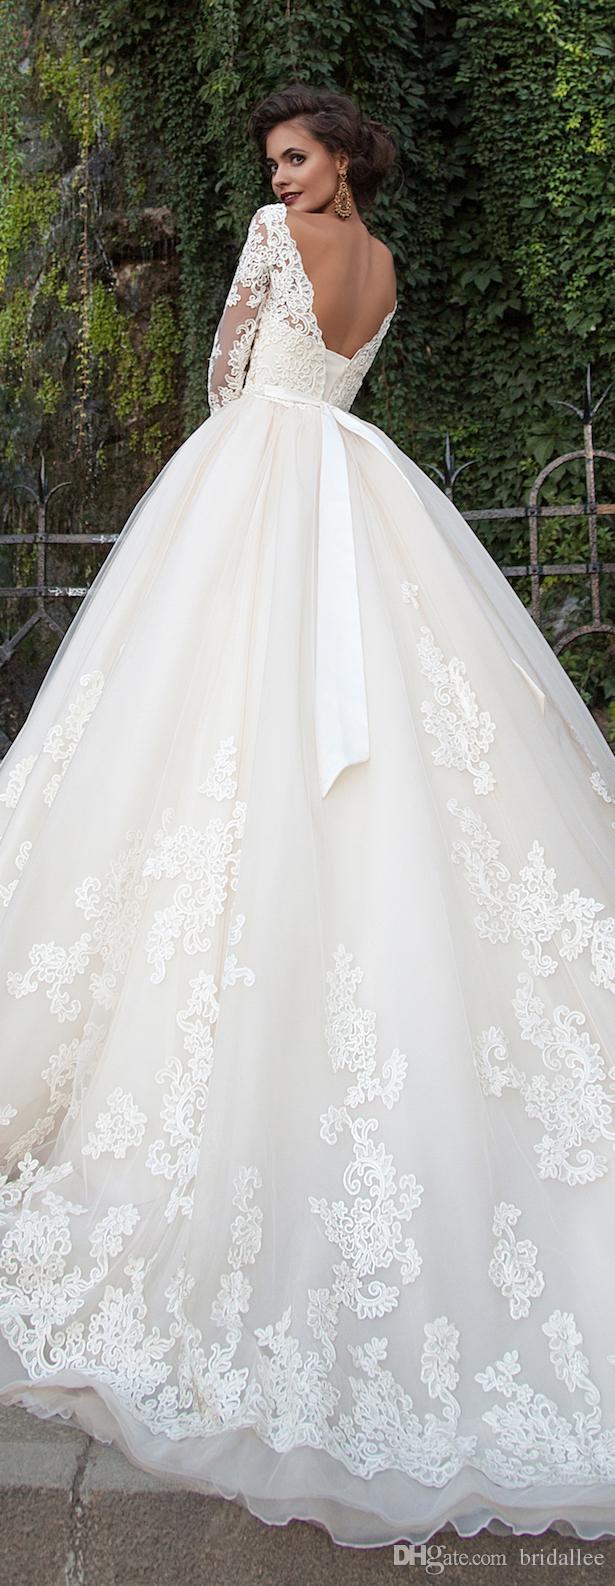 Vestido de noiva Taraklı Fırça Tren Gelinlik Şifon Aplikler Gelin Elbiseler Uzun Kollu A Hattı robe de mariage